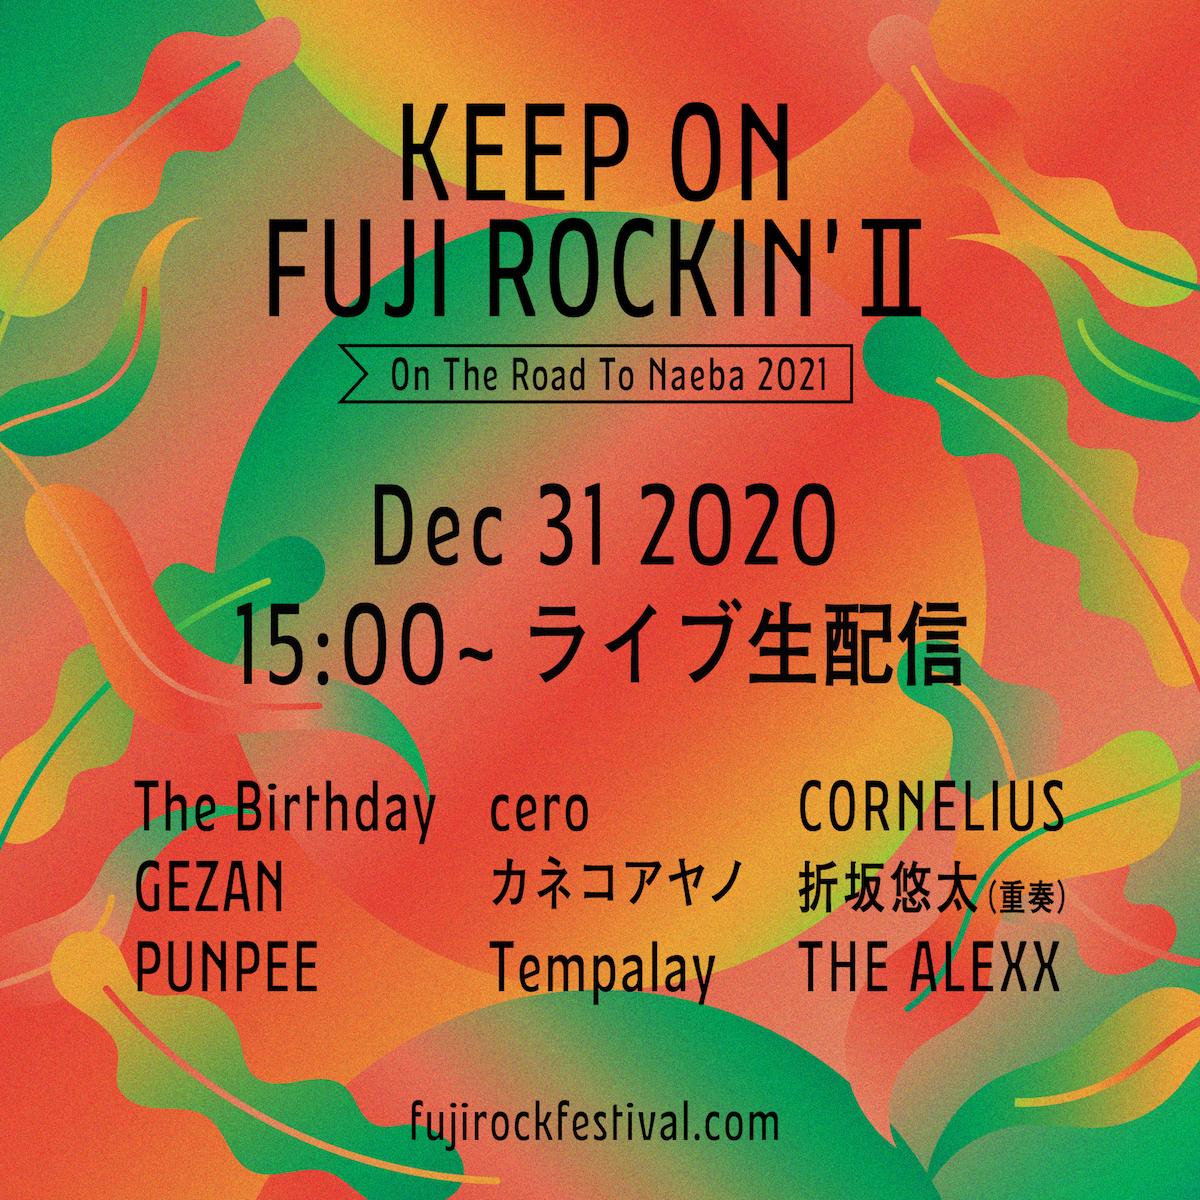 『KEEP ON FUJI ROCKIN' II〜On The Road To Naeba 2021〜』